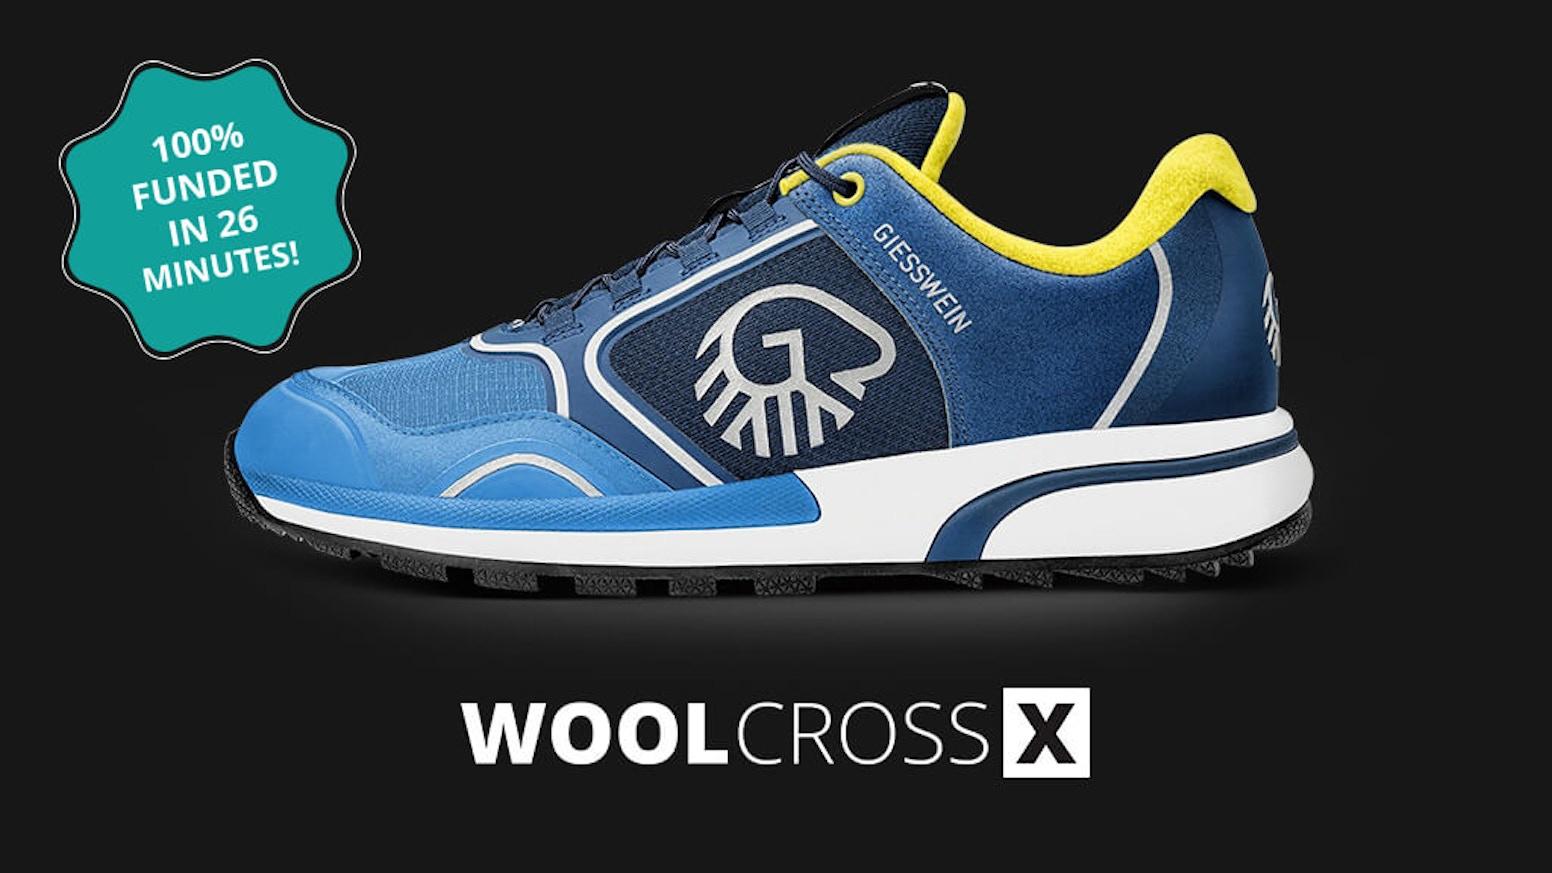 8de96a38476d WOOL CROSS X - THE WORLD S FIRST MERINO WOOL SPORT SHOE by GIESSWEIN ...